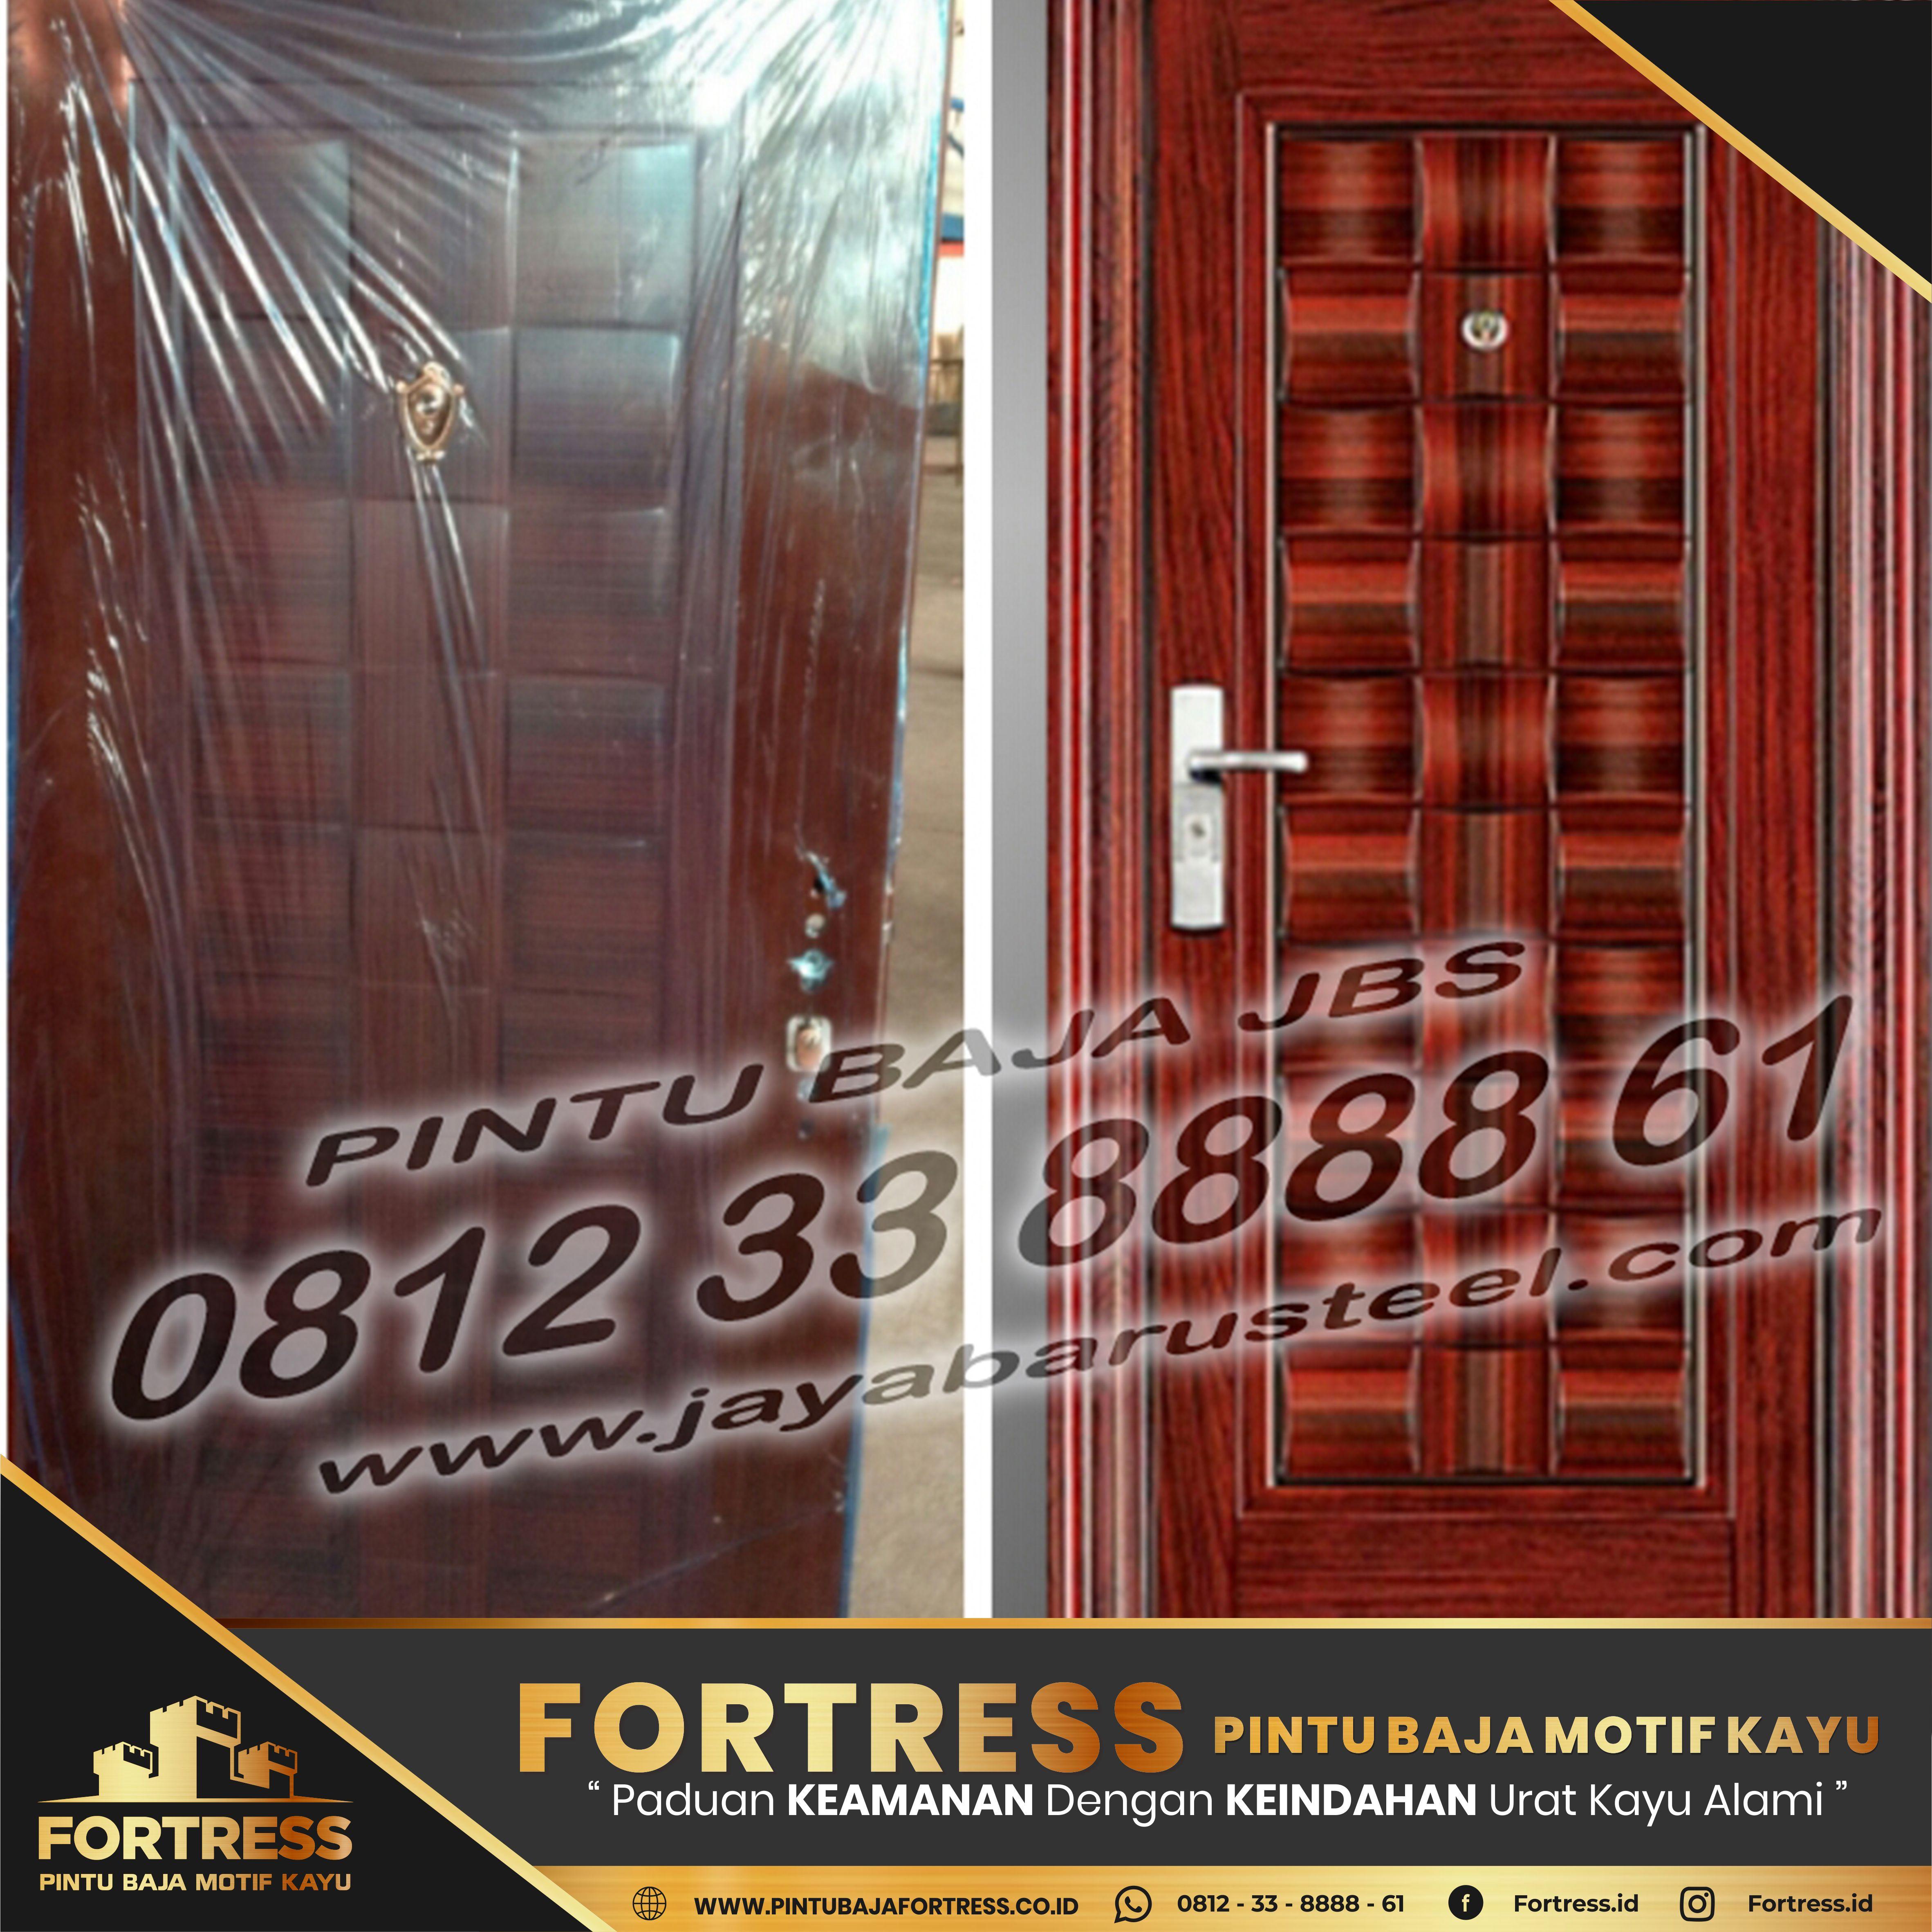 0812-91-6261-07 (FORTRESS) The Door Of Banjar Light Steel …